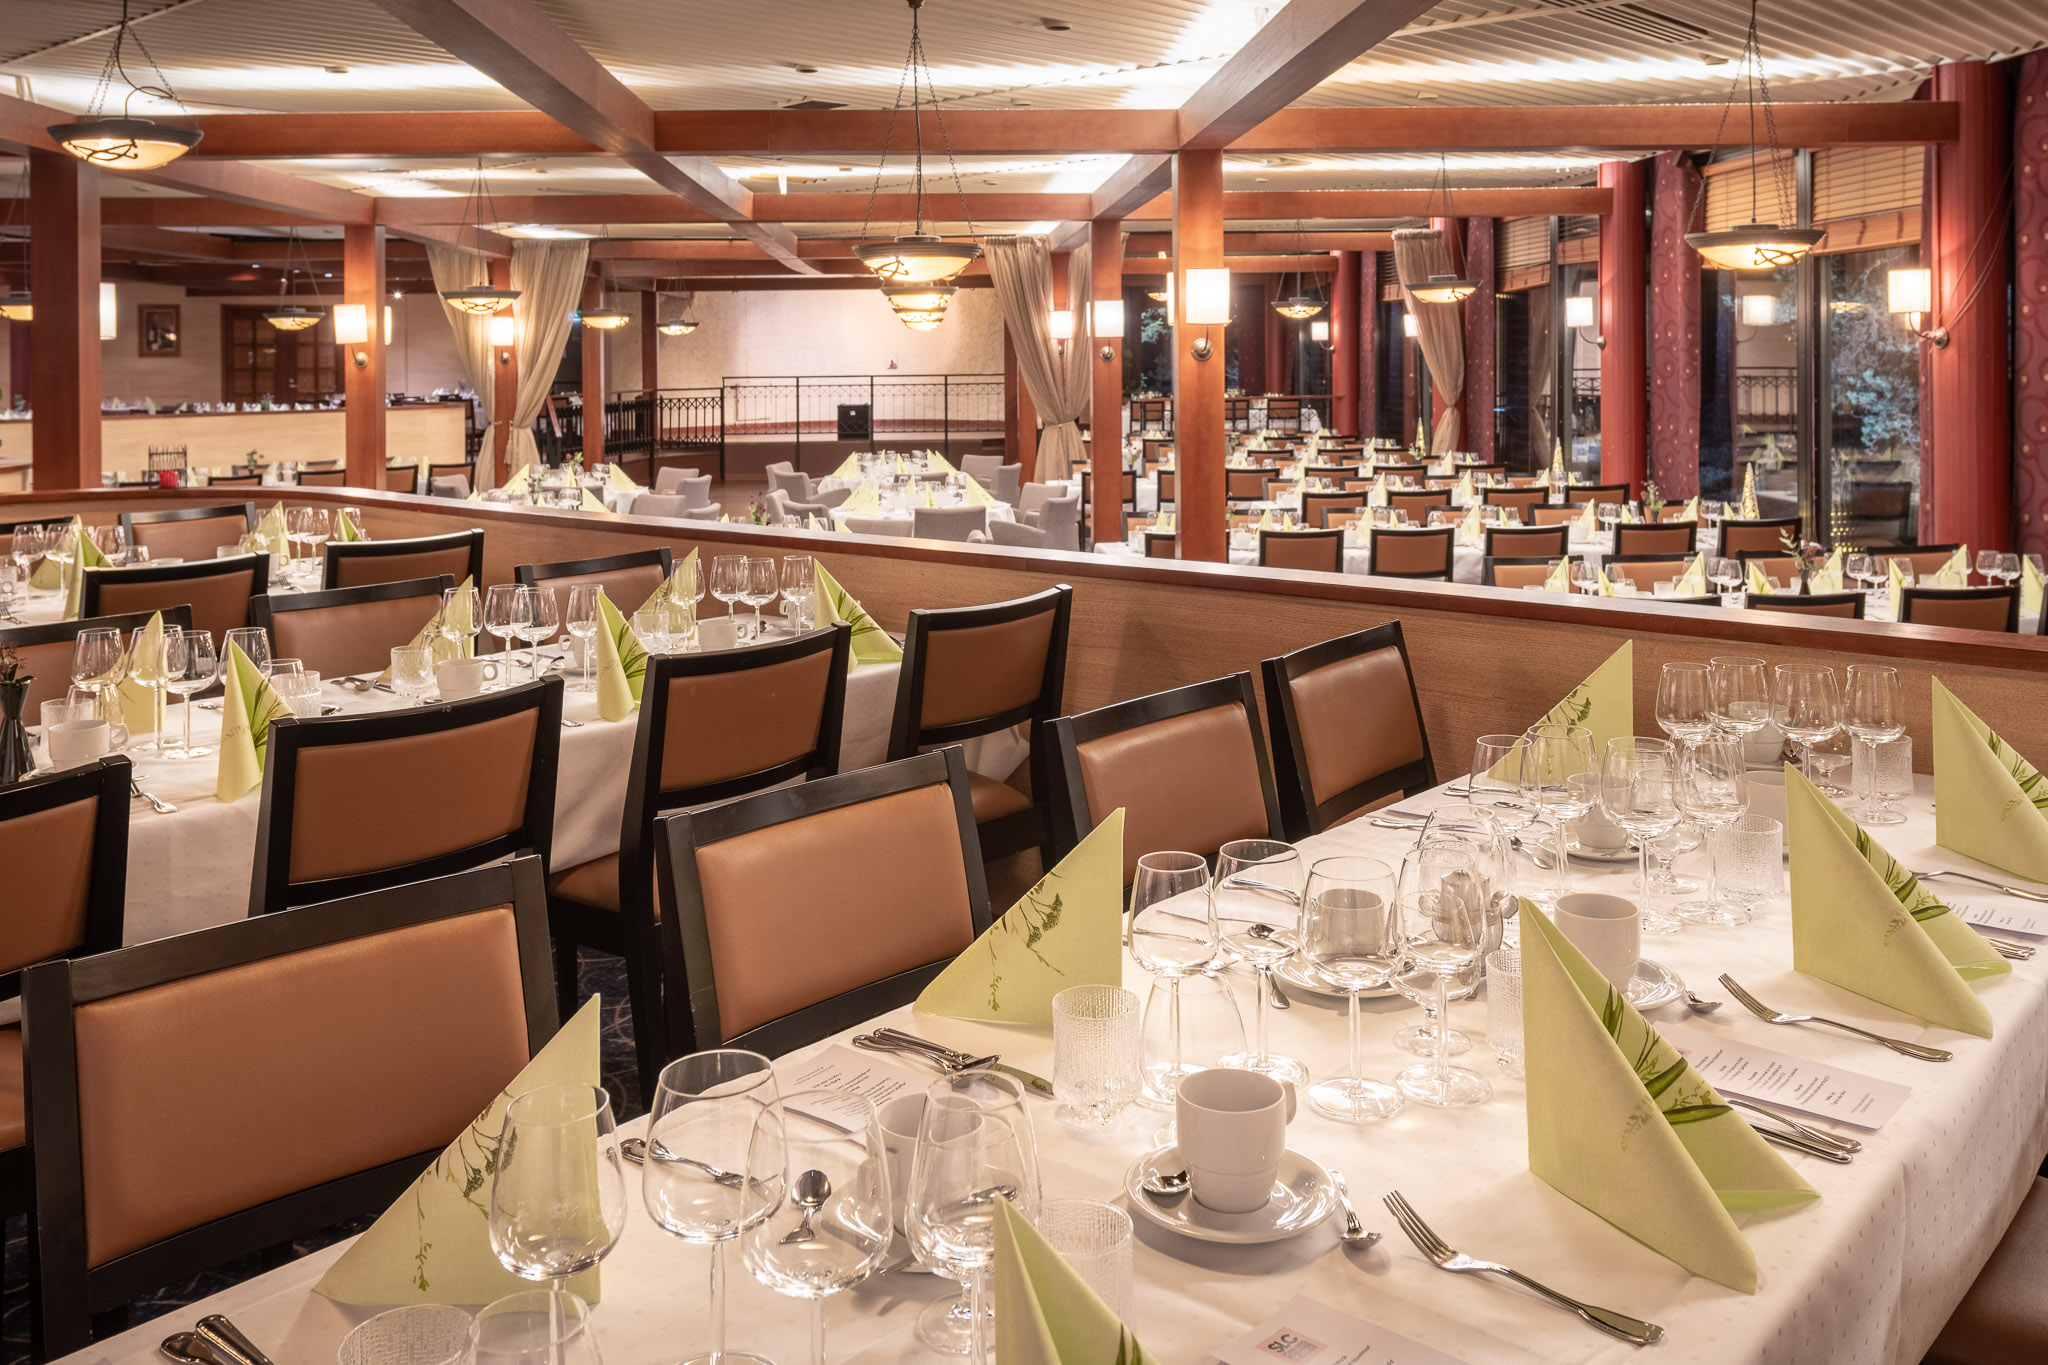 Hotelli Korpilampi kokous illallinen